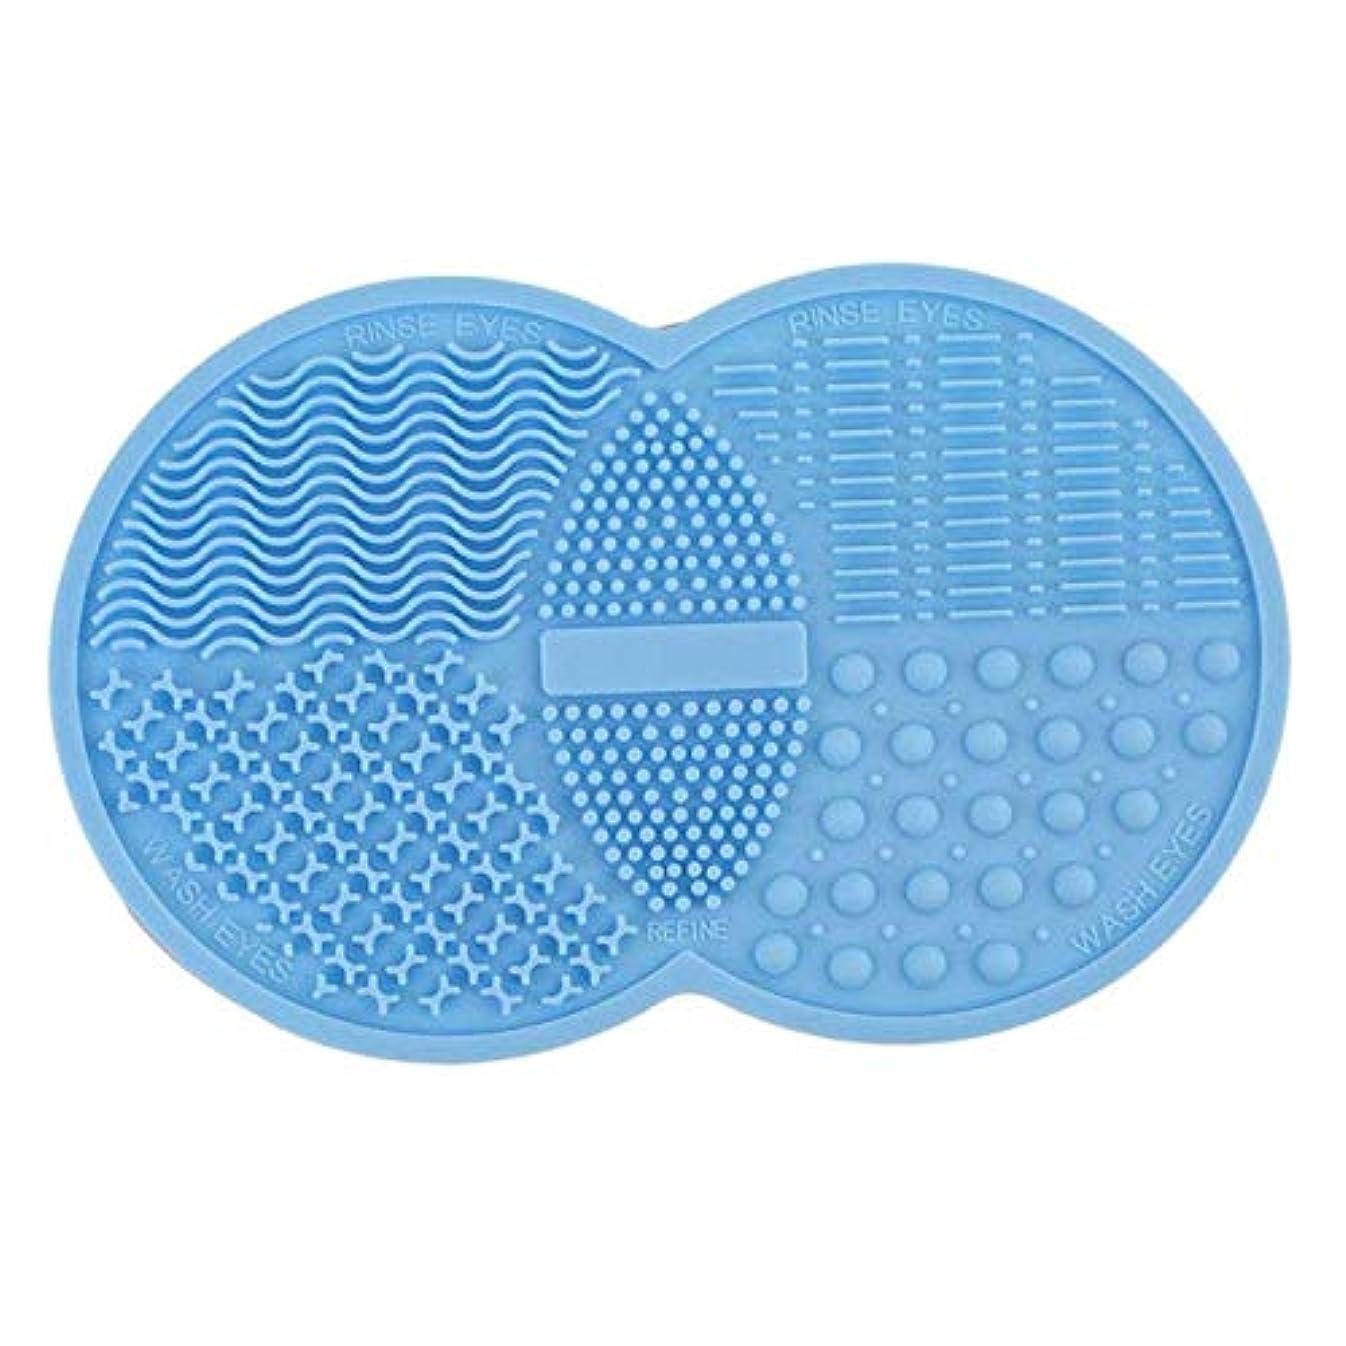 レルム運河落胆させるPichidr-JP 化粧ブラシクリーニングマット家庭用と旅行用サクションカップ付きポータブル洗浄ツールスクラバー(ブルー)